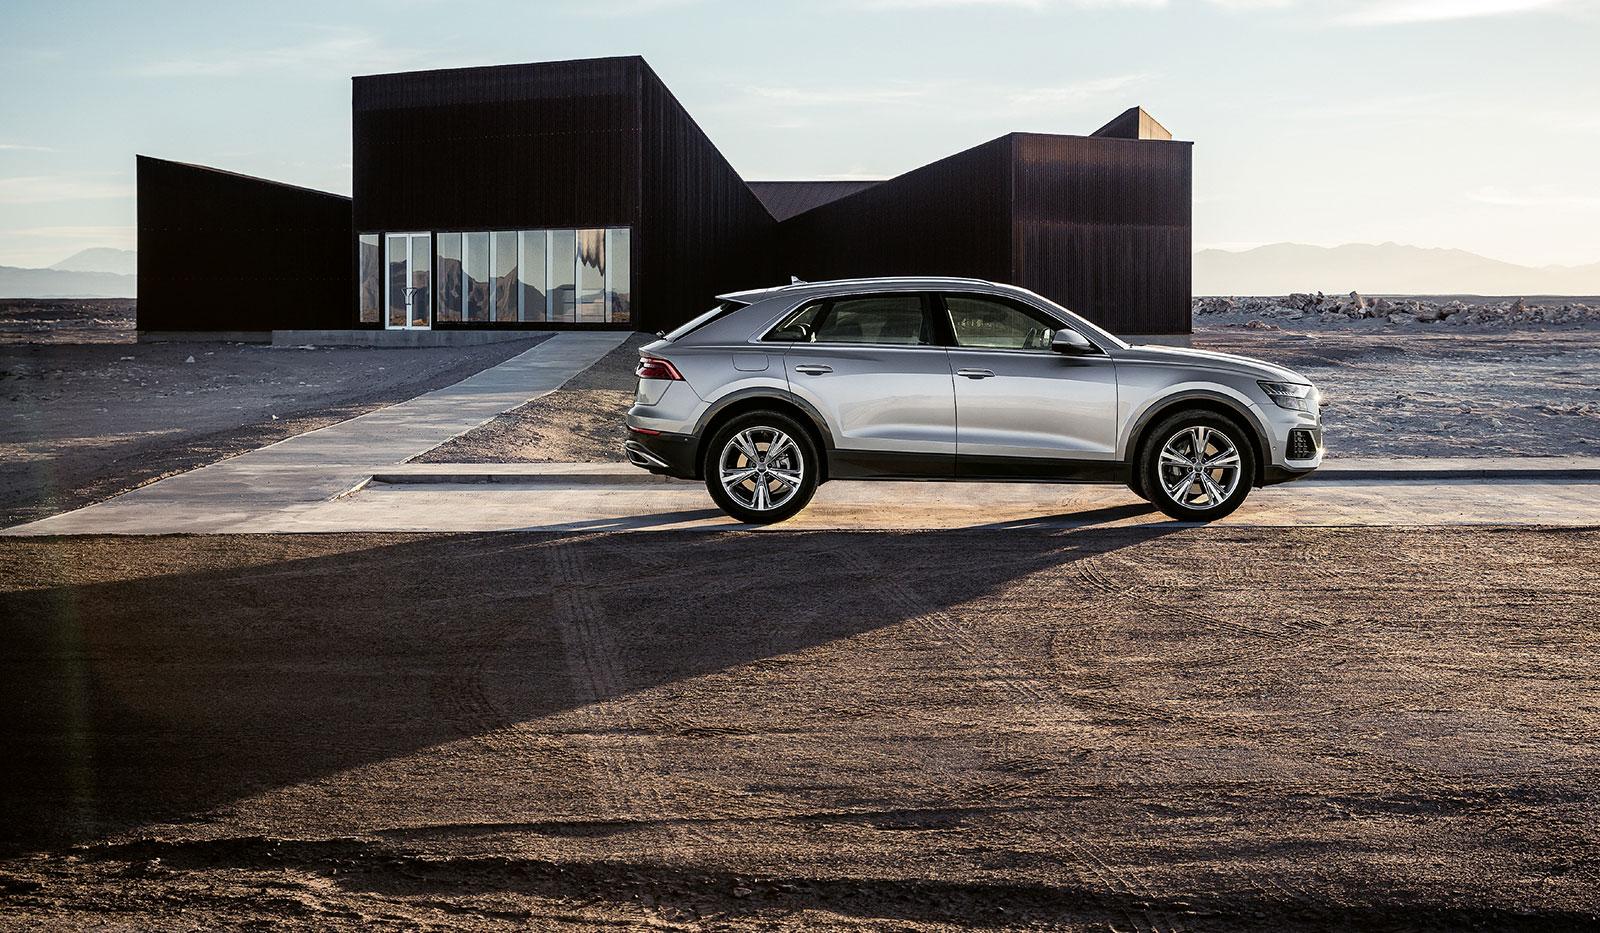 Audi Q8 in Wüstenlandschaft